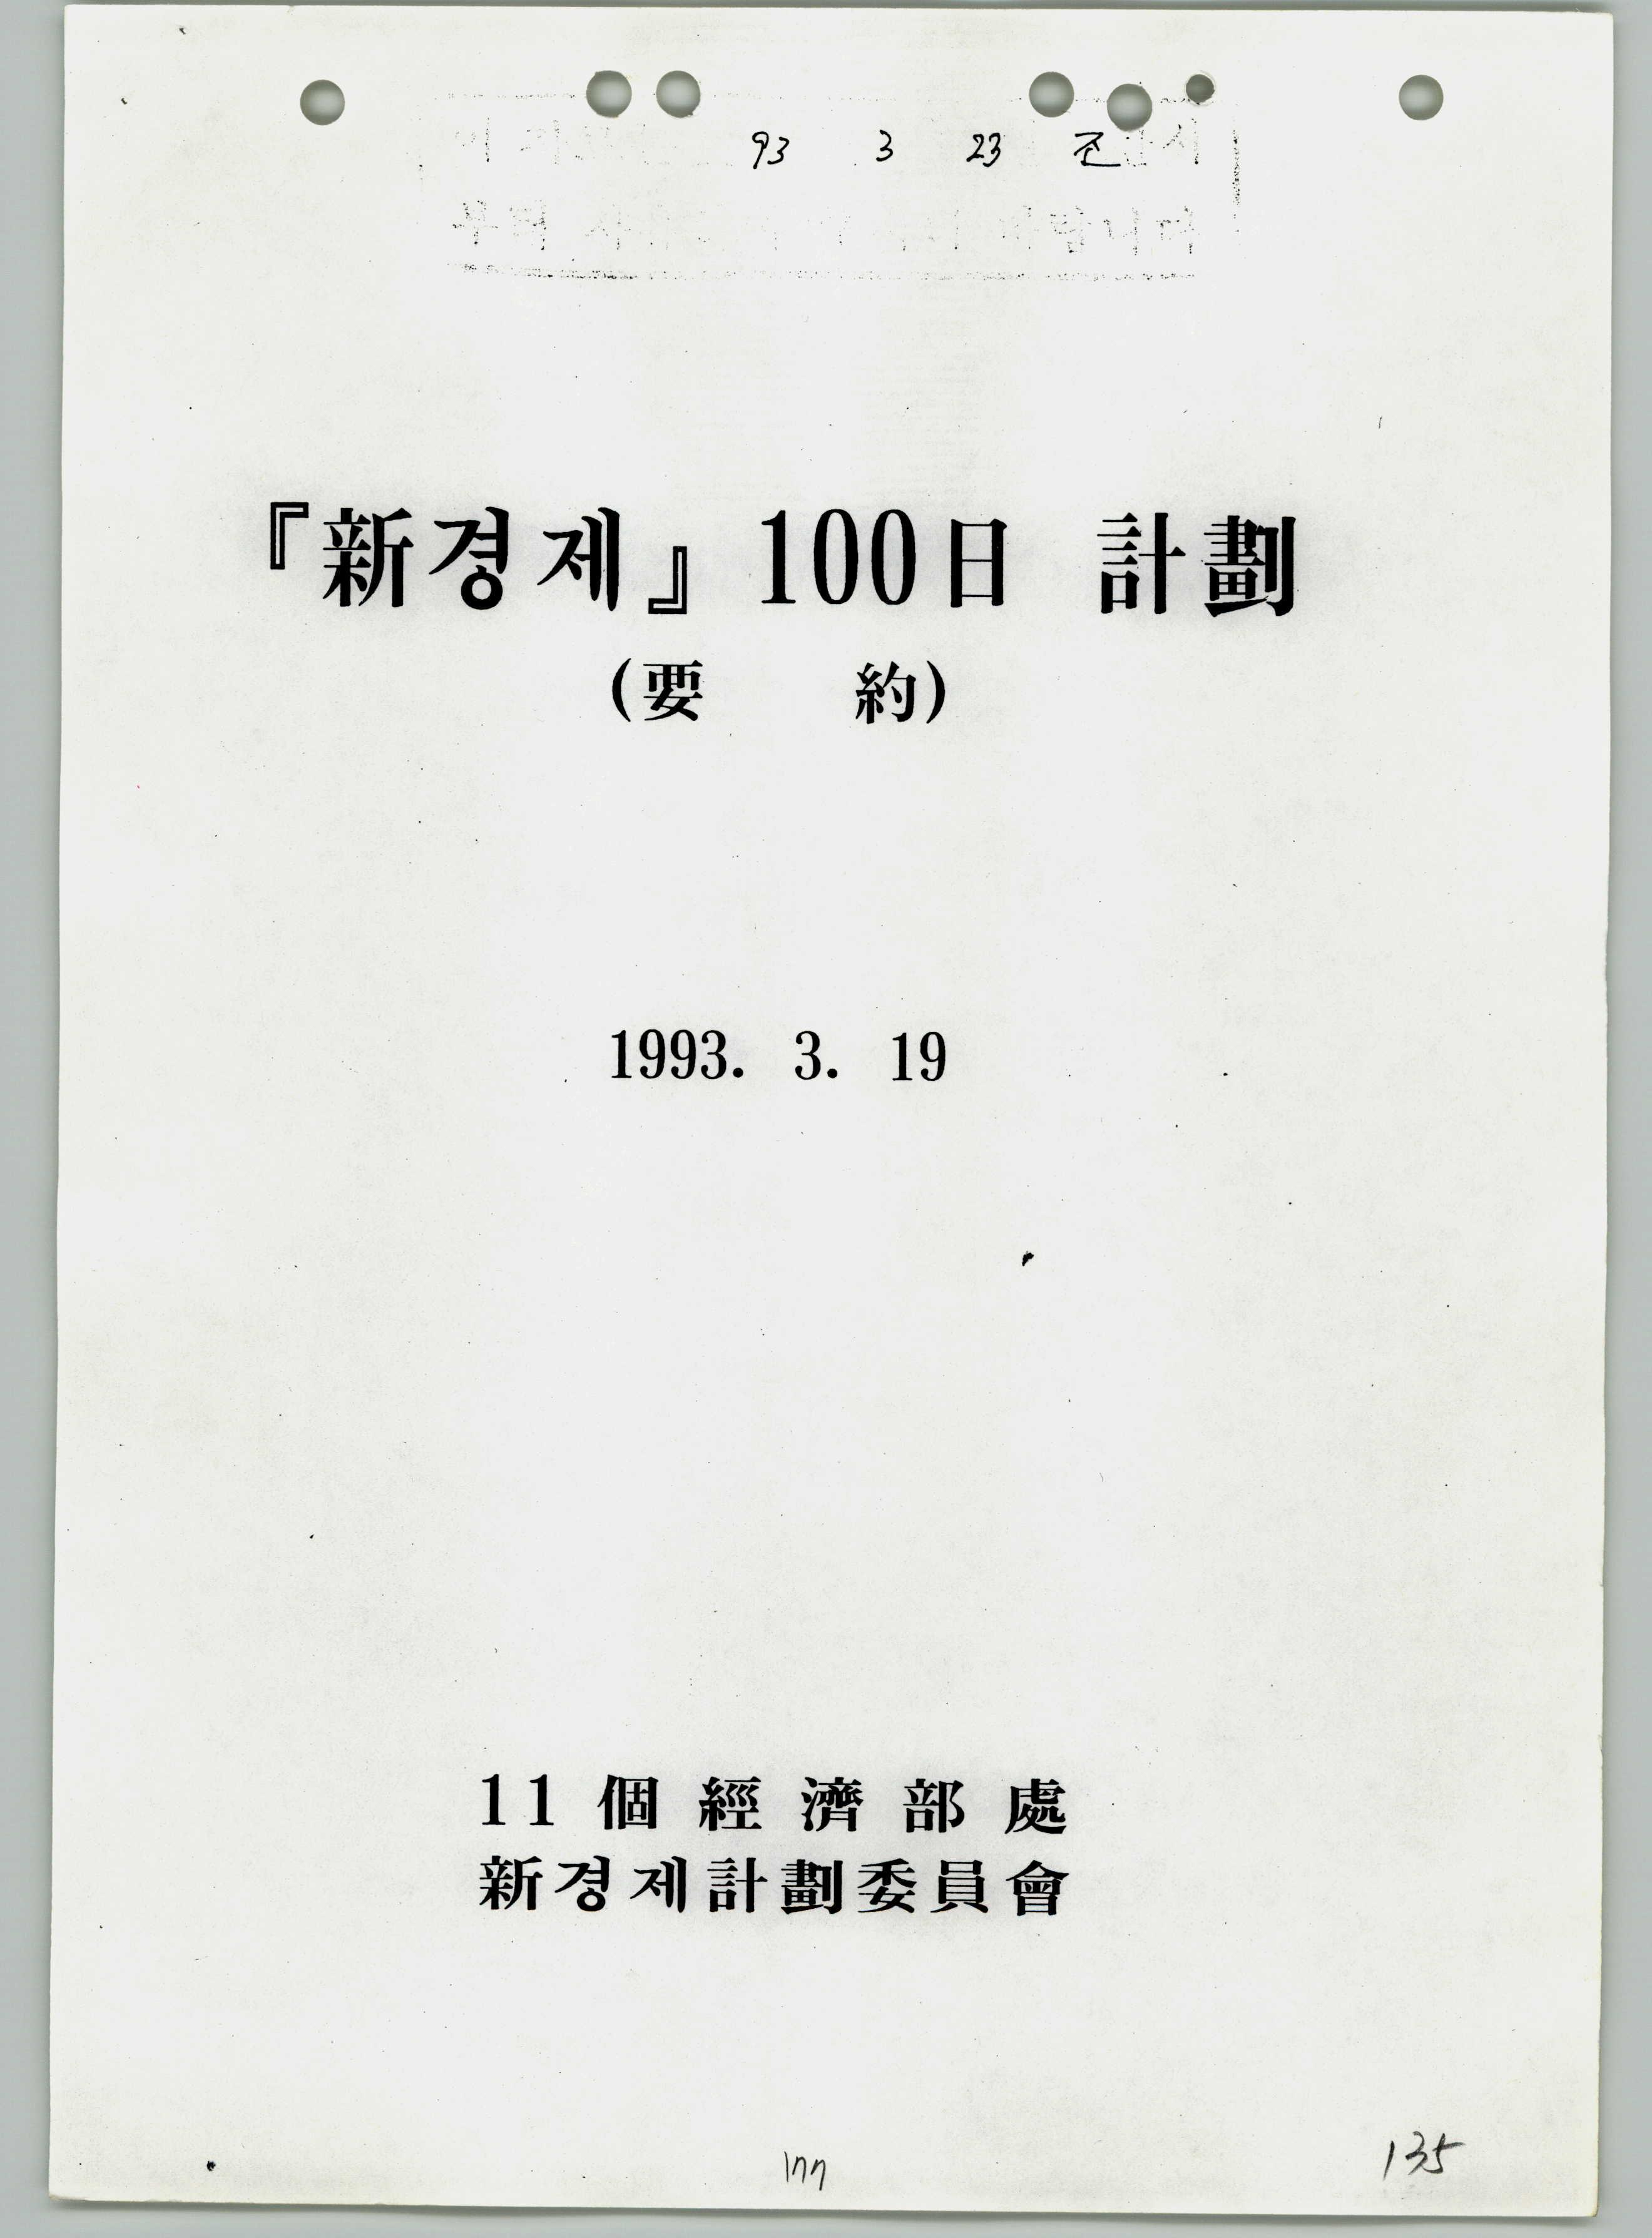 신경제 100일 계획(요약)